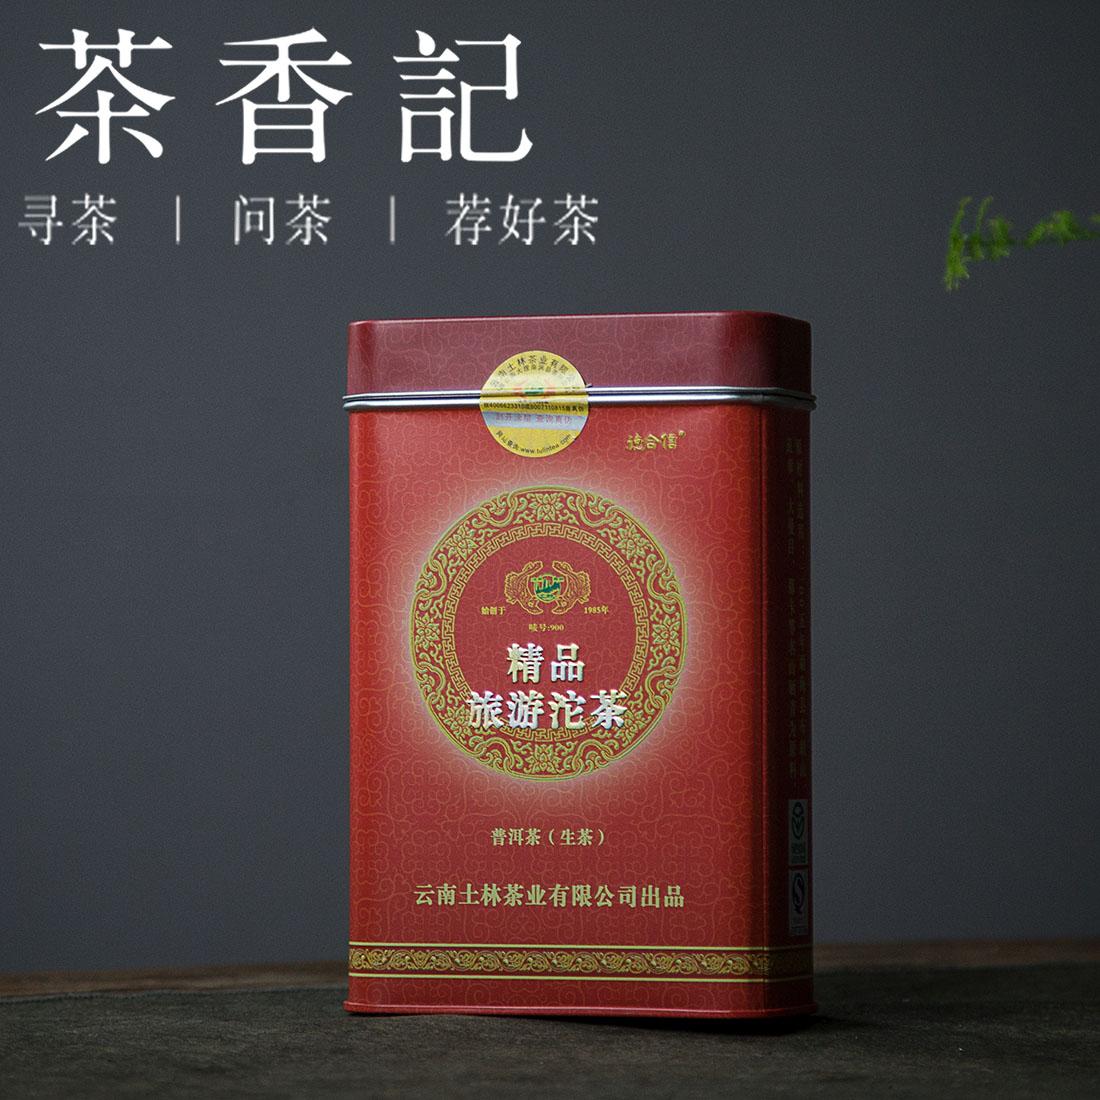 茶香记 土林迷你沱茶生2009年 土林凤凰 德合信公司定制